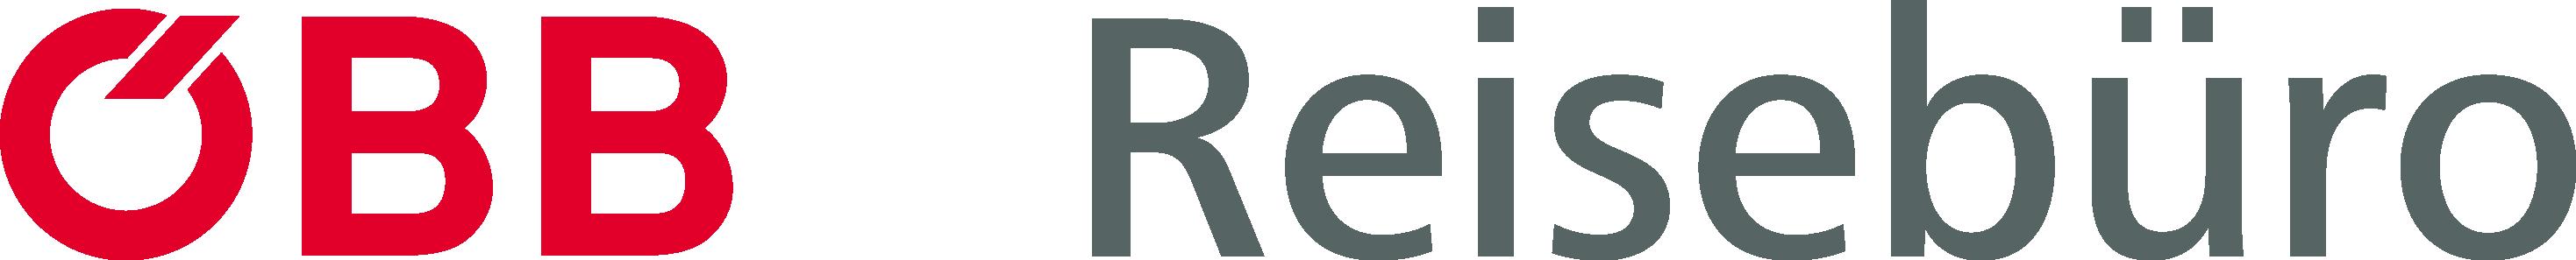 RAB_Kombi-OeBB-Reisebuero_rgb